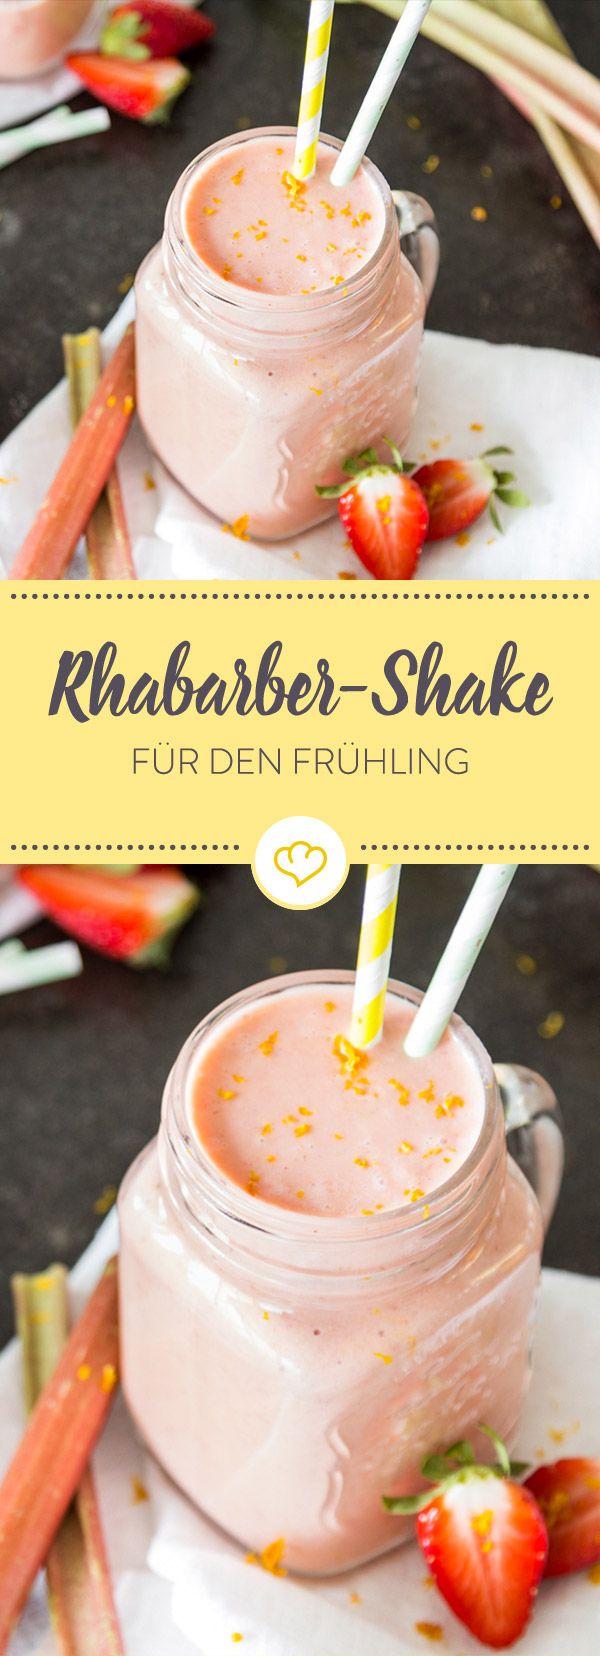 So schmeckt der Sommer: Cremiger Milchshake, gemixt aus frischen Erdbeeren, Bananen und viel sauer-süßem Rhabarber. Strohalm rein und genießen.